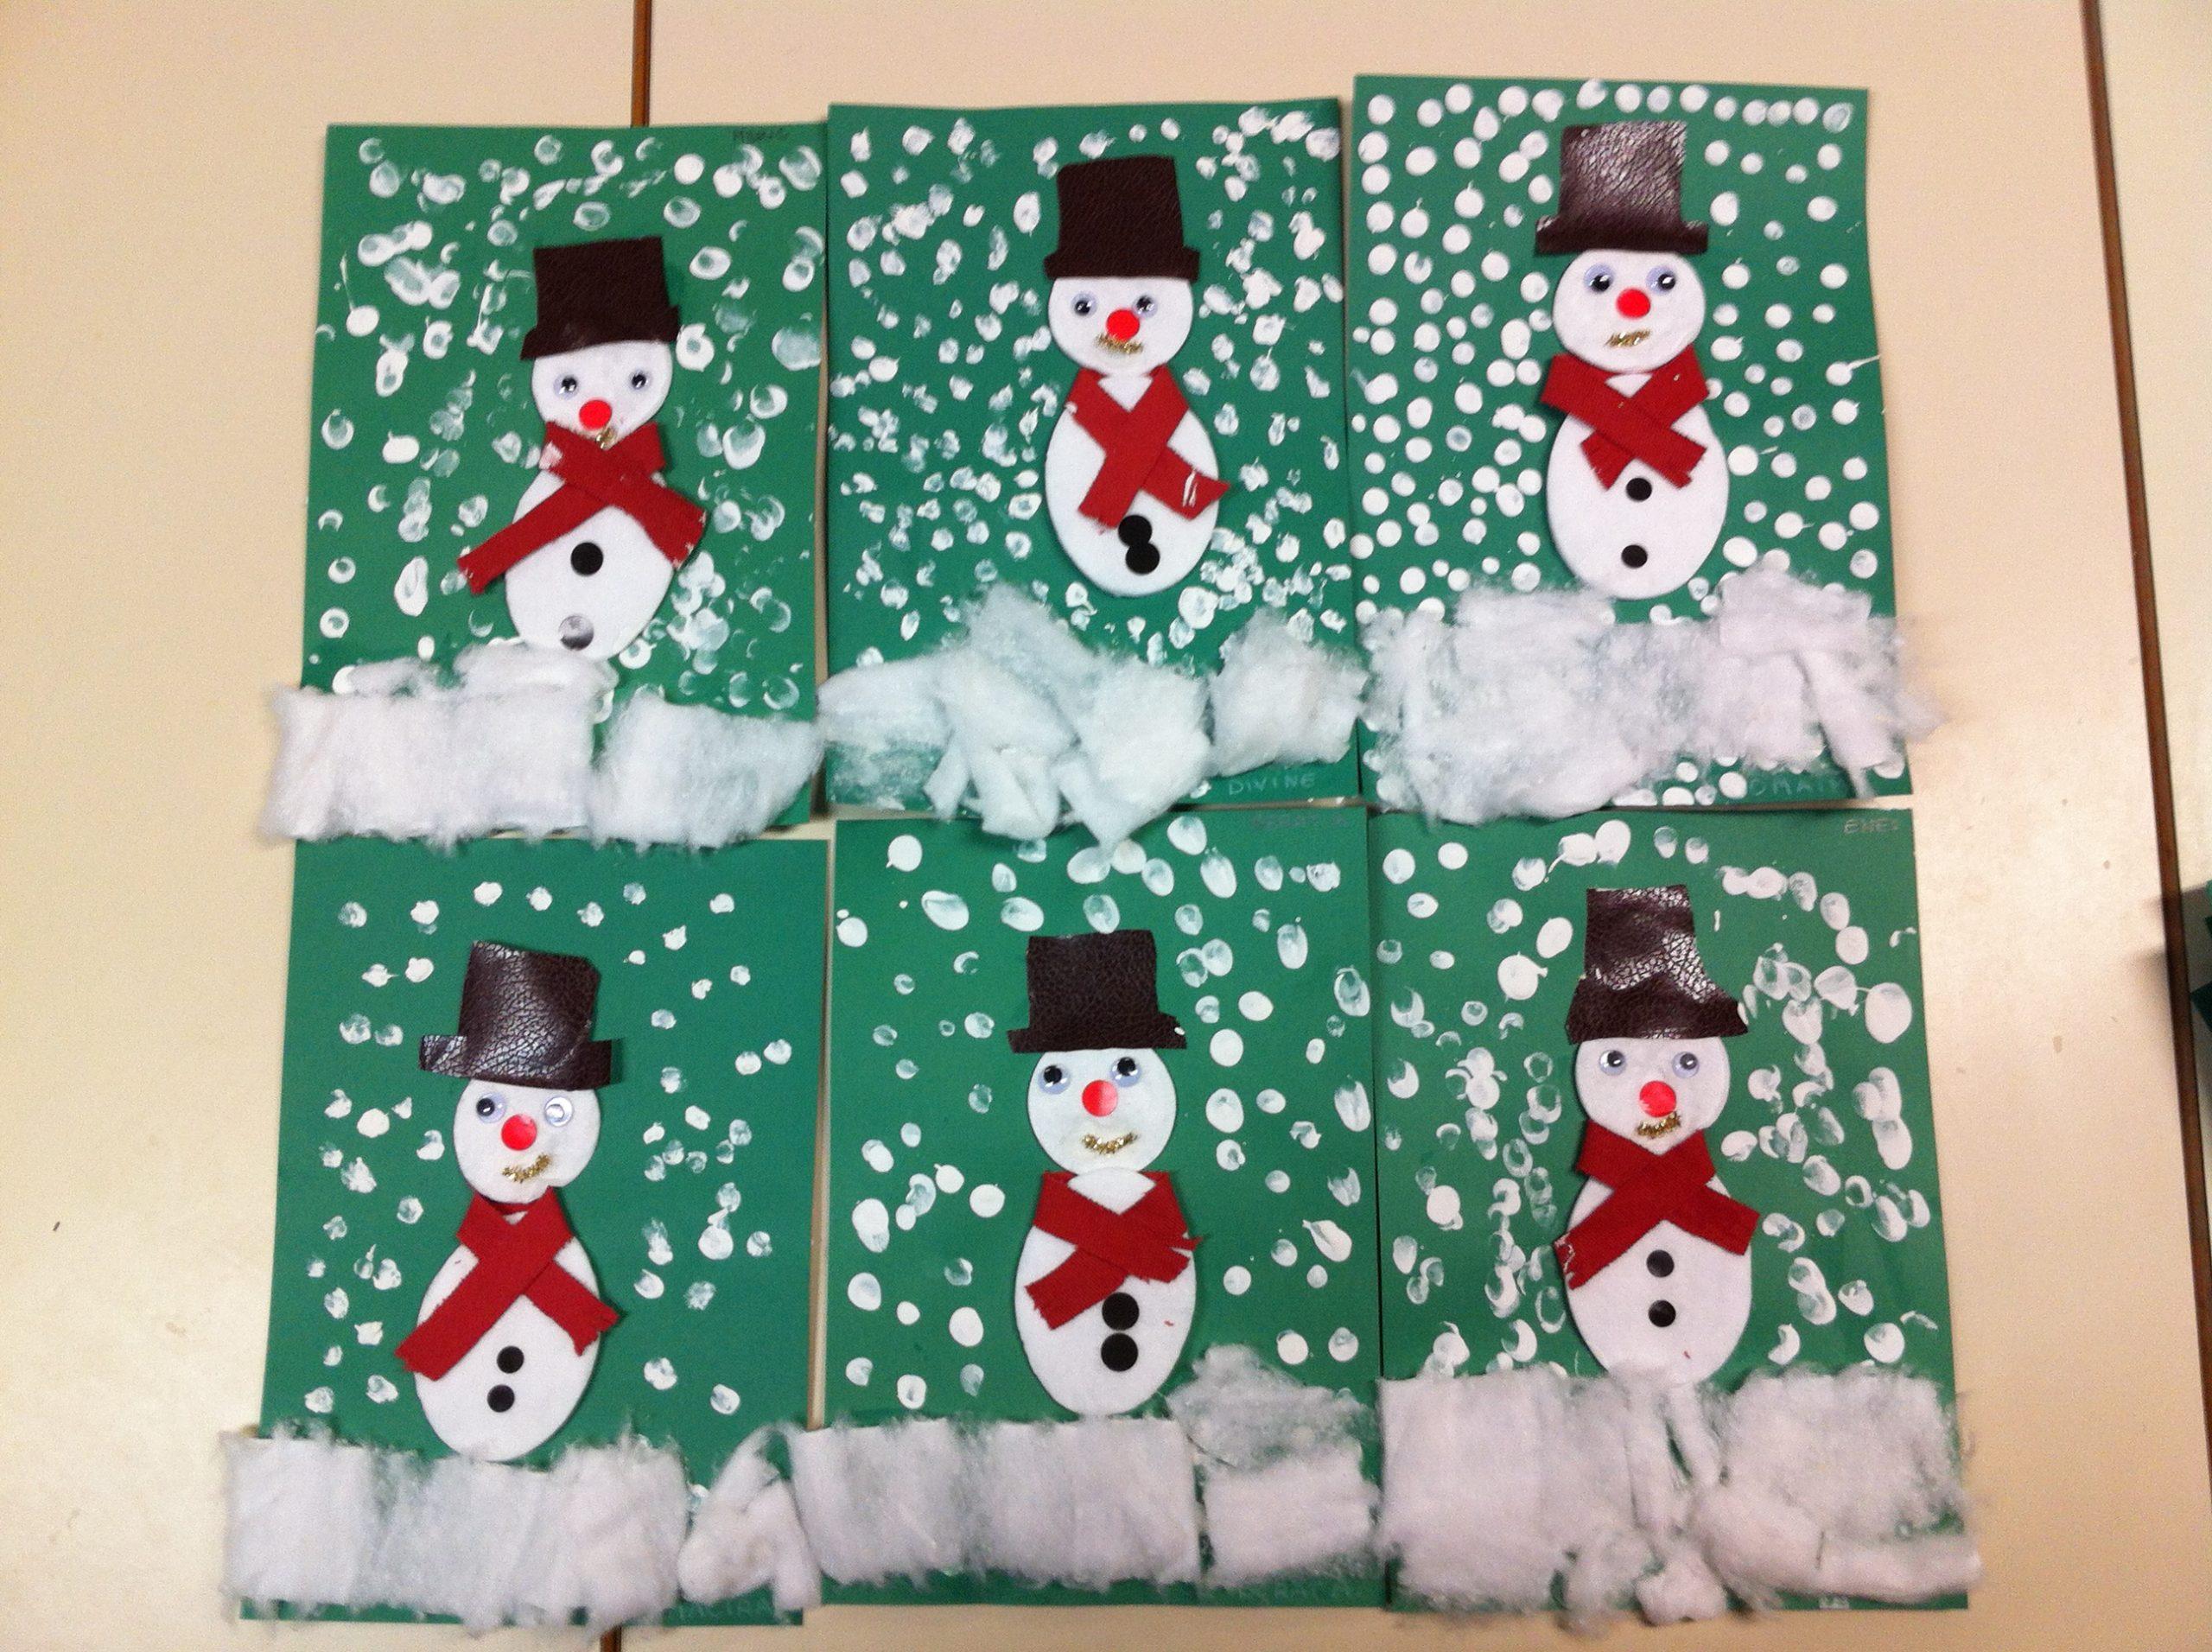 Nos Cartes De Noel 2014 - La Classe De Wjl avec Cartes De Noel Maternelle